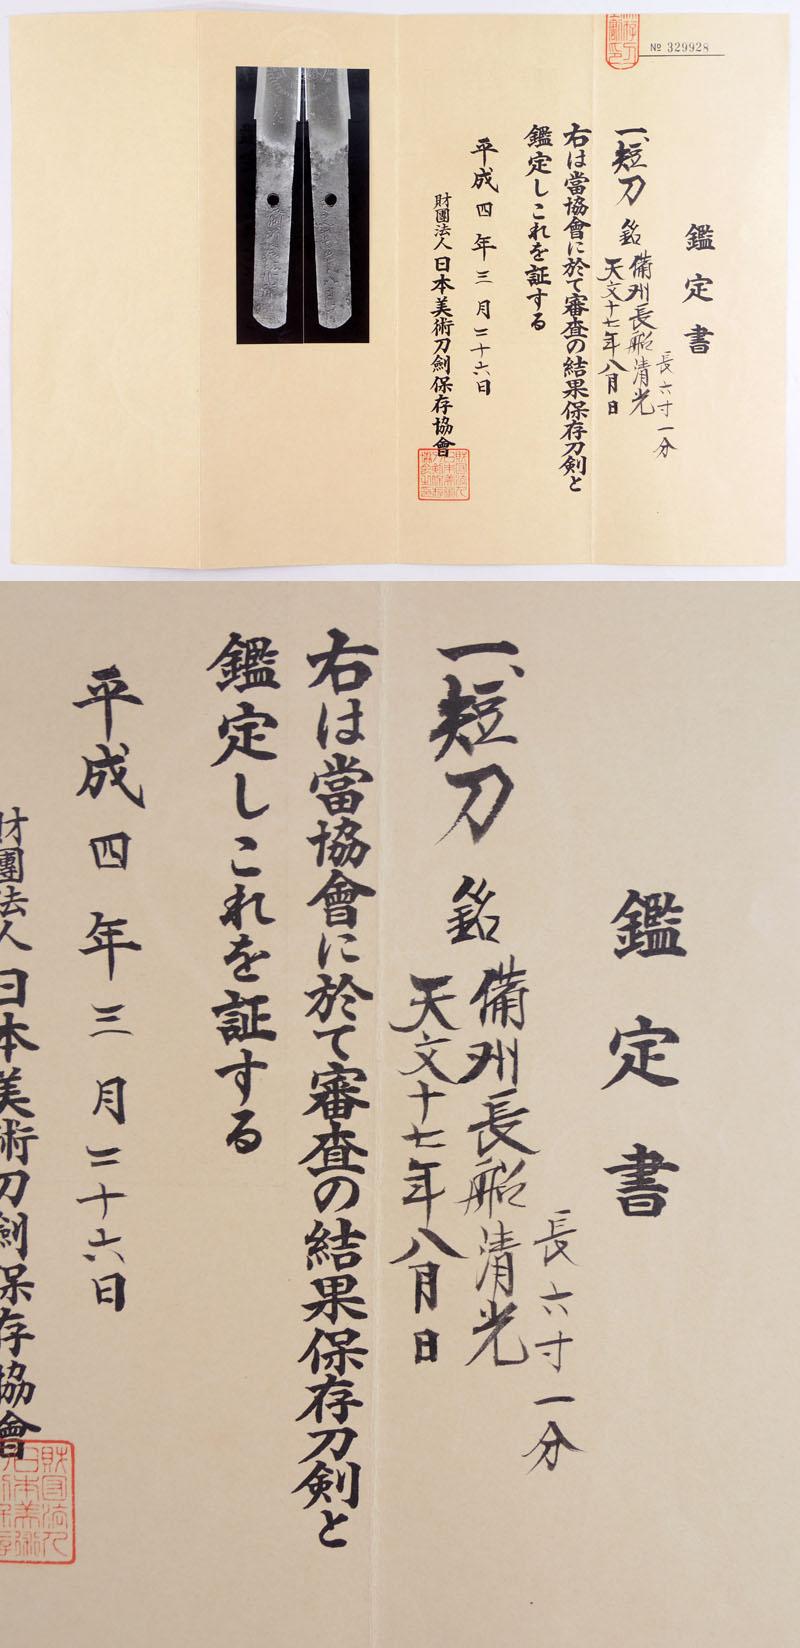 備州長船清光 Picture of Certificate